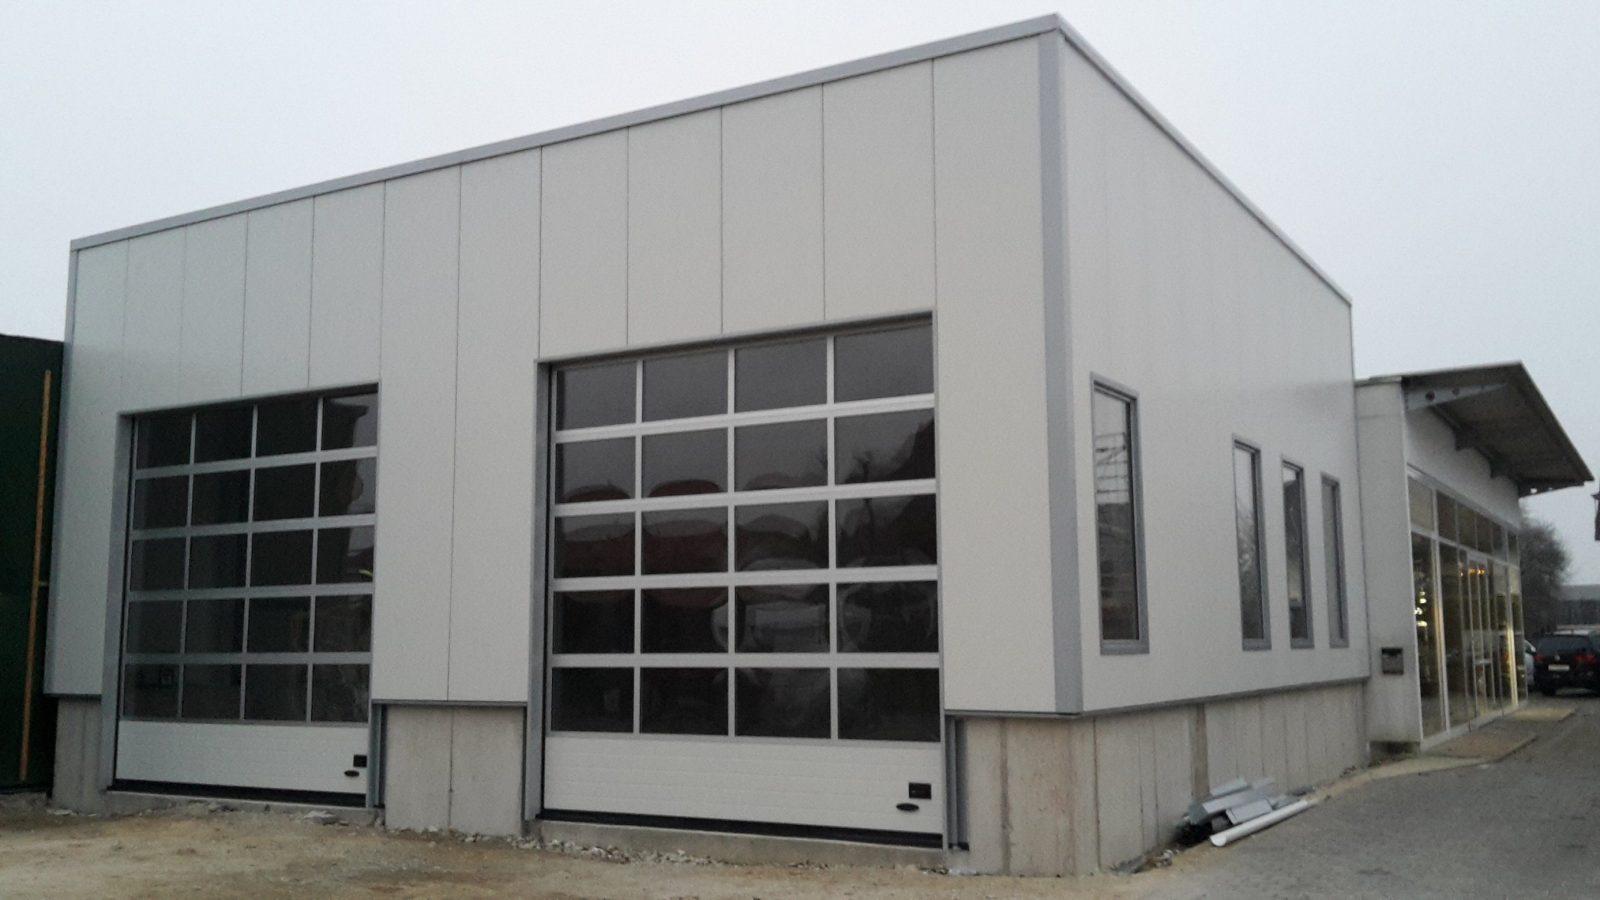 Werkstatthalle Bauen  Hallenbau Individuell  Hacobau Gmbh von Kfz Werkstatt Bauen Kosten Bild